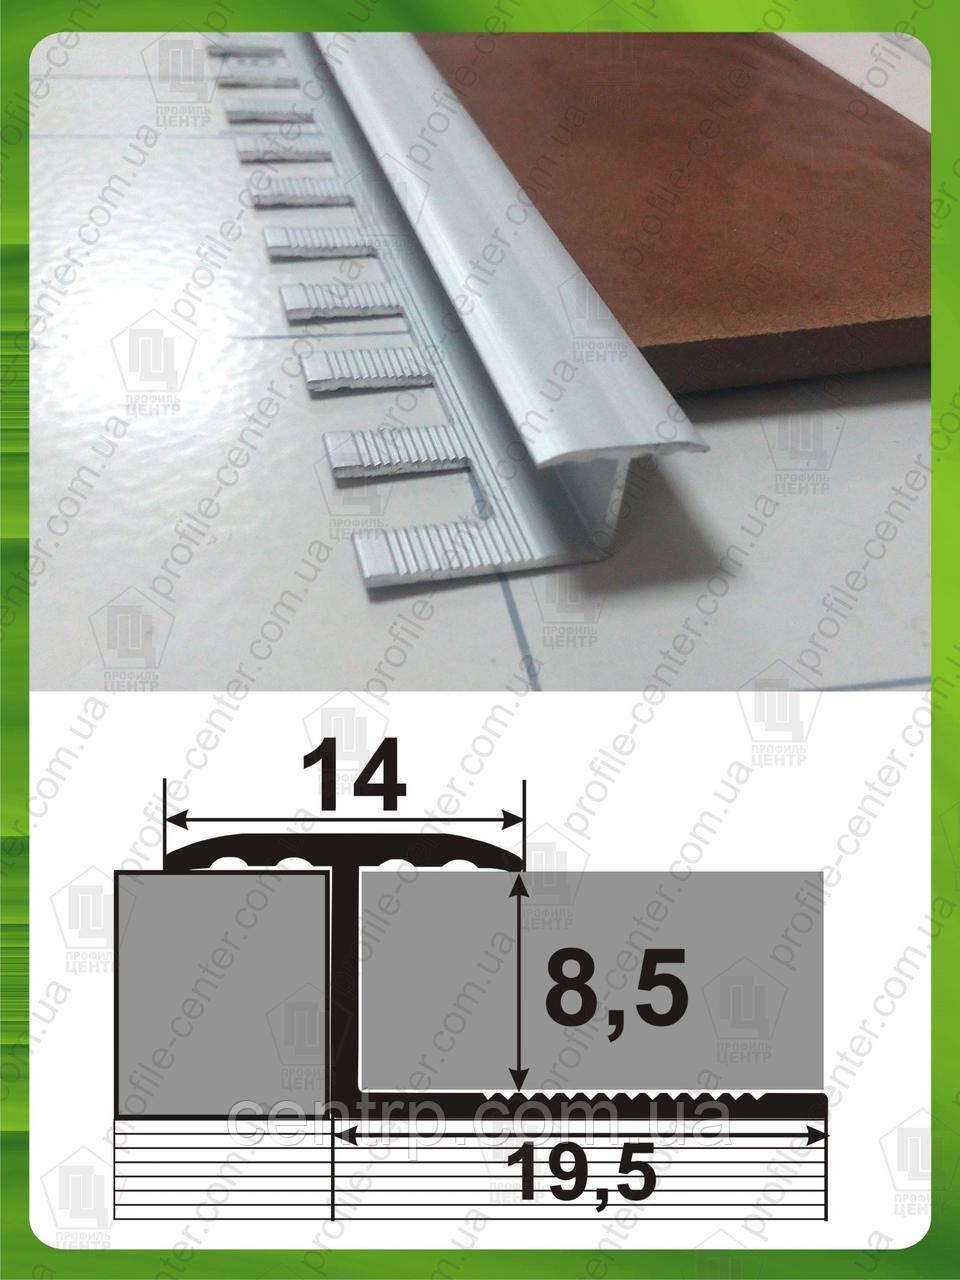 Гибкий Т-образный профиль для плитки АПЗГ 14 (14 мм) L - 2,5 м